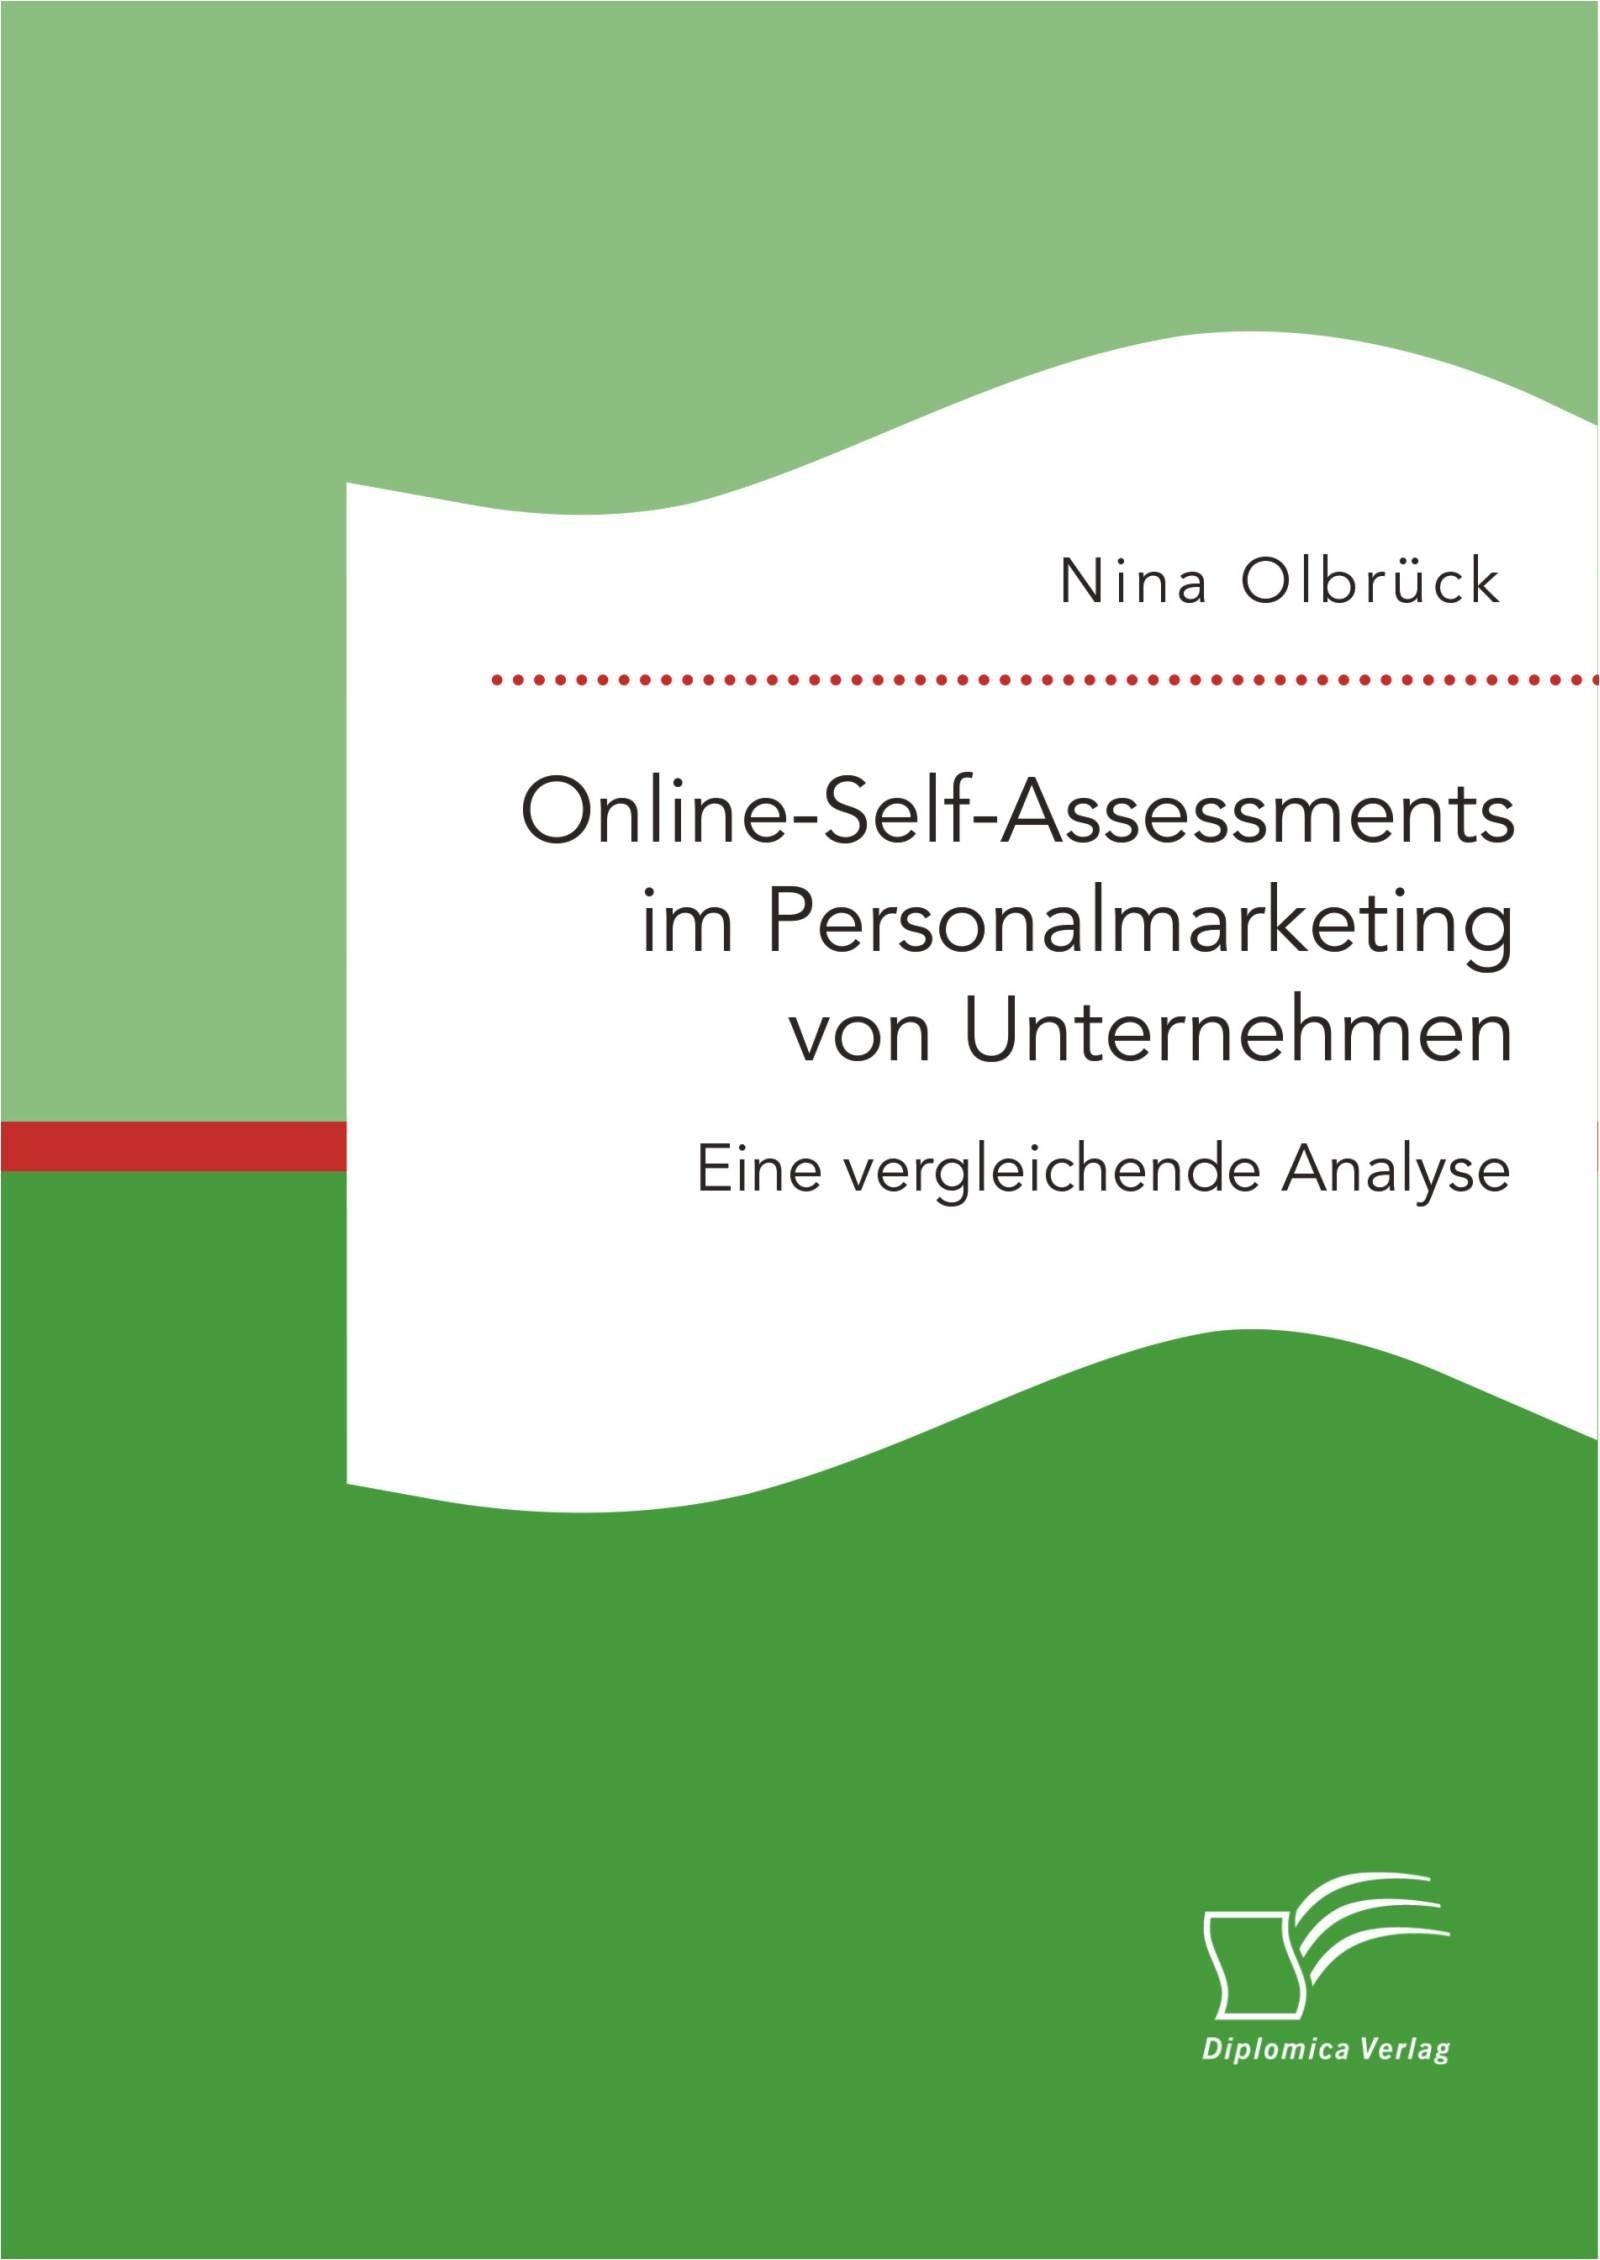 Online-Self-Assessments im Personalmarketing von Unternehmen: Eine vergleichende Analyse | Olbrück | Erstauflage, 2015 | Buch (Cover)